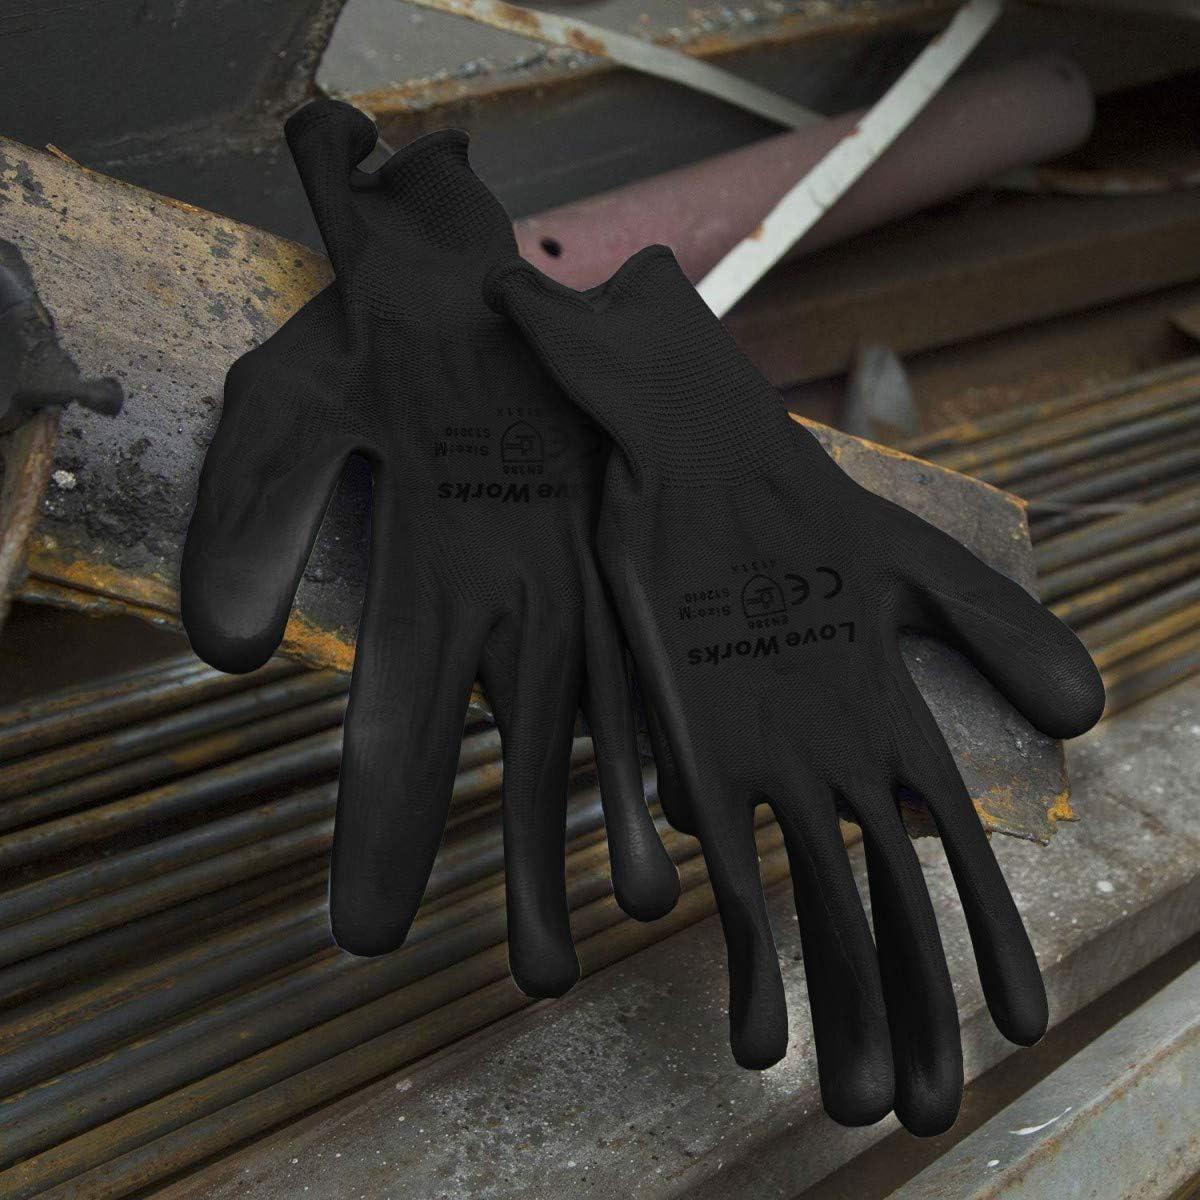 12 Paia di Guanti da Lavoro Multifunzione in Nitrile Loveworks.Ideali per riparazioni Nero M Industria con Alta Resistenza!